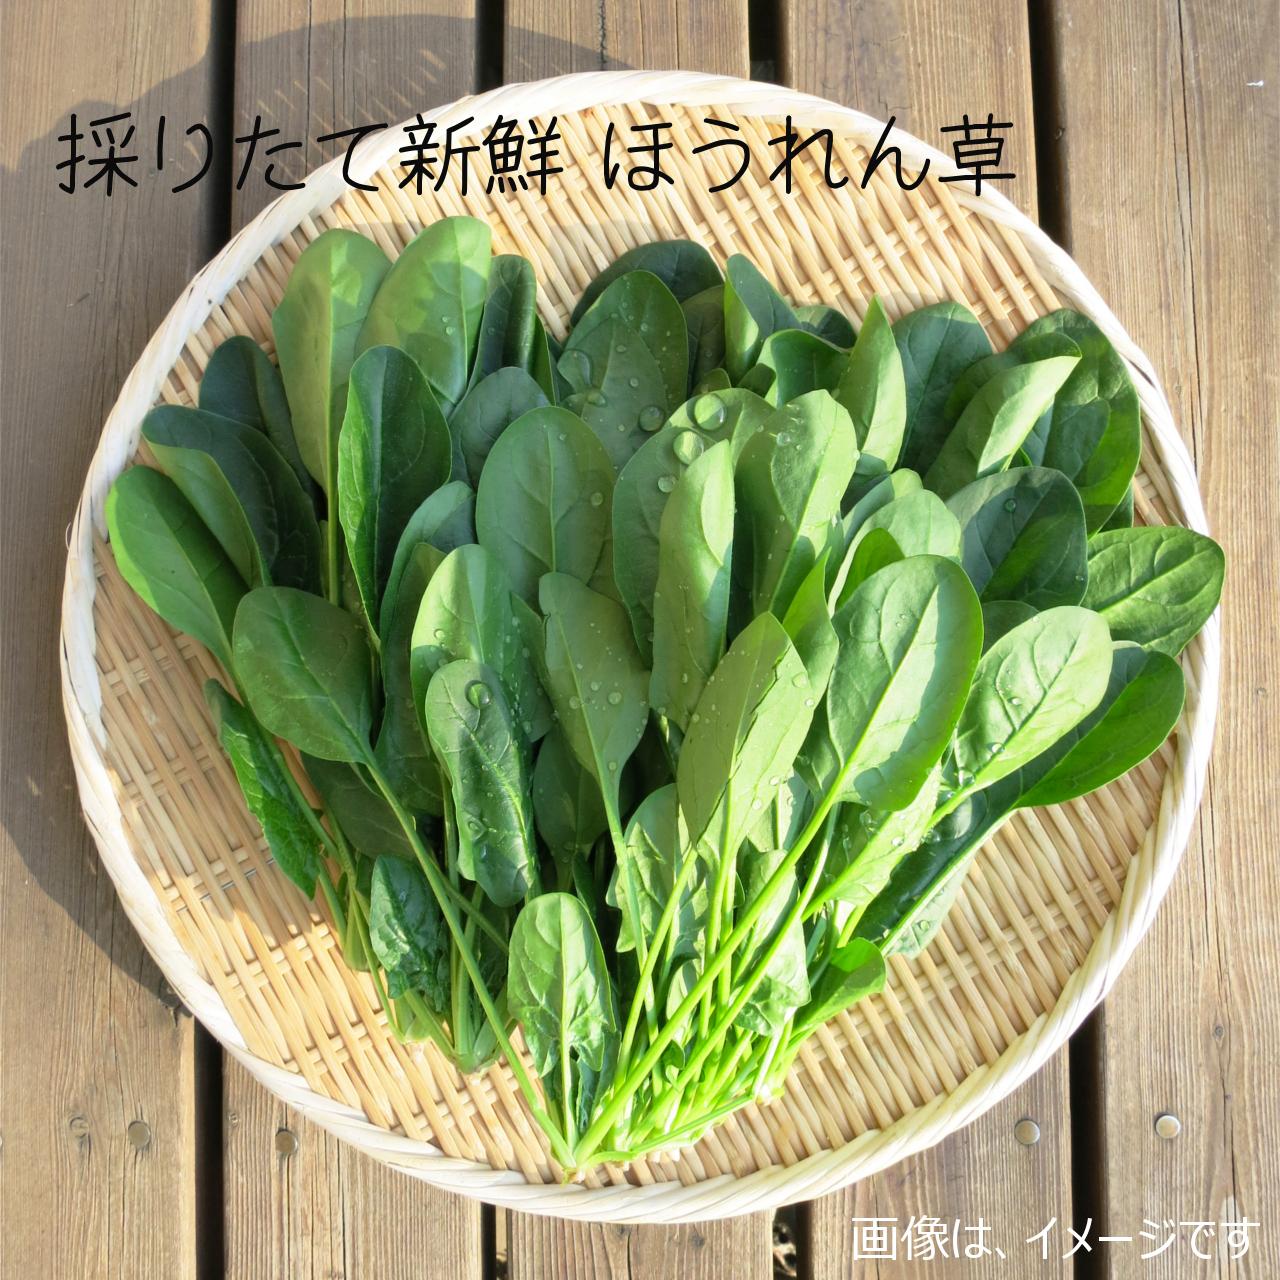 5月の朝採り直売野菜:ホウレンソウ 約400g 春の新鮮野菜 5月16日発送予定